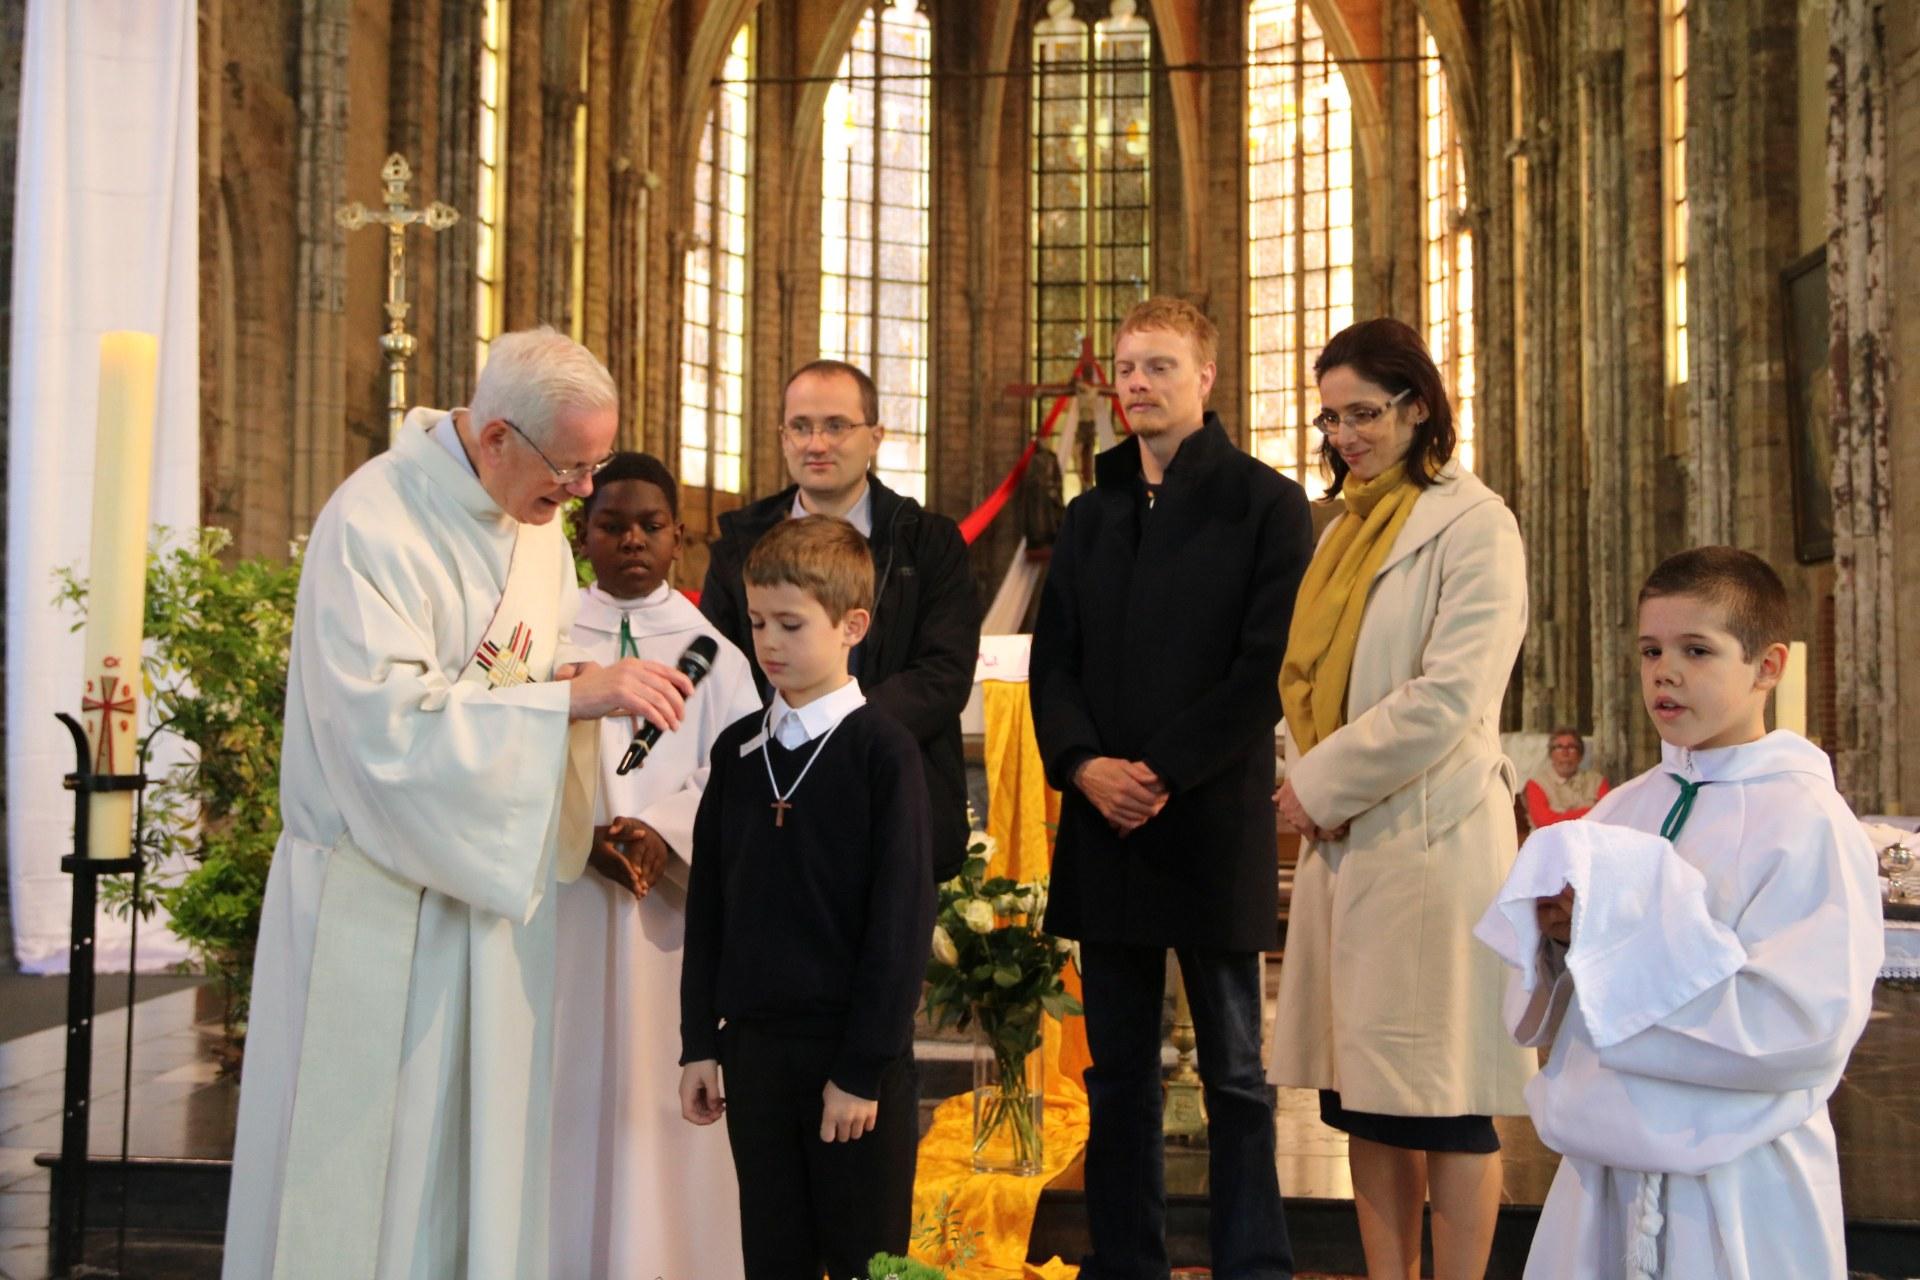 1905_Célébration de baptêmes (7 -12 ans) 70